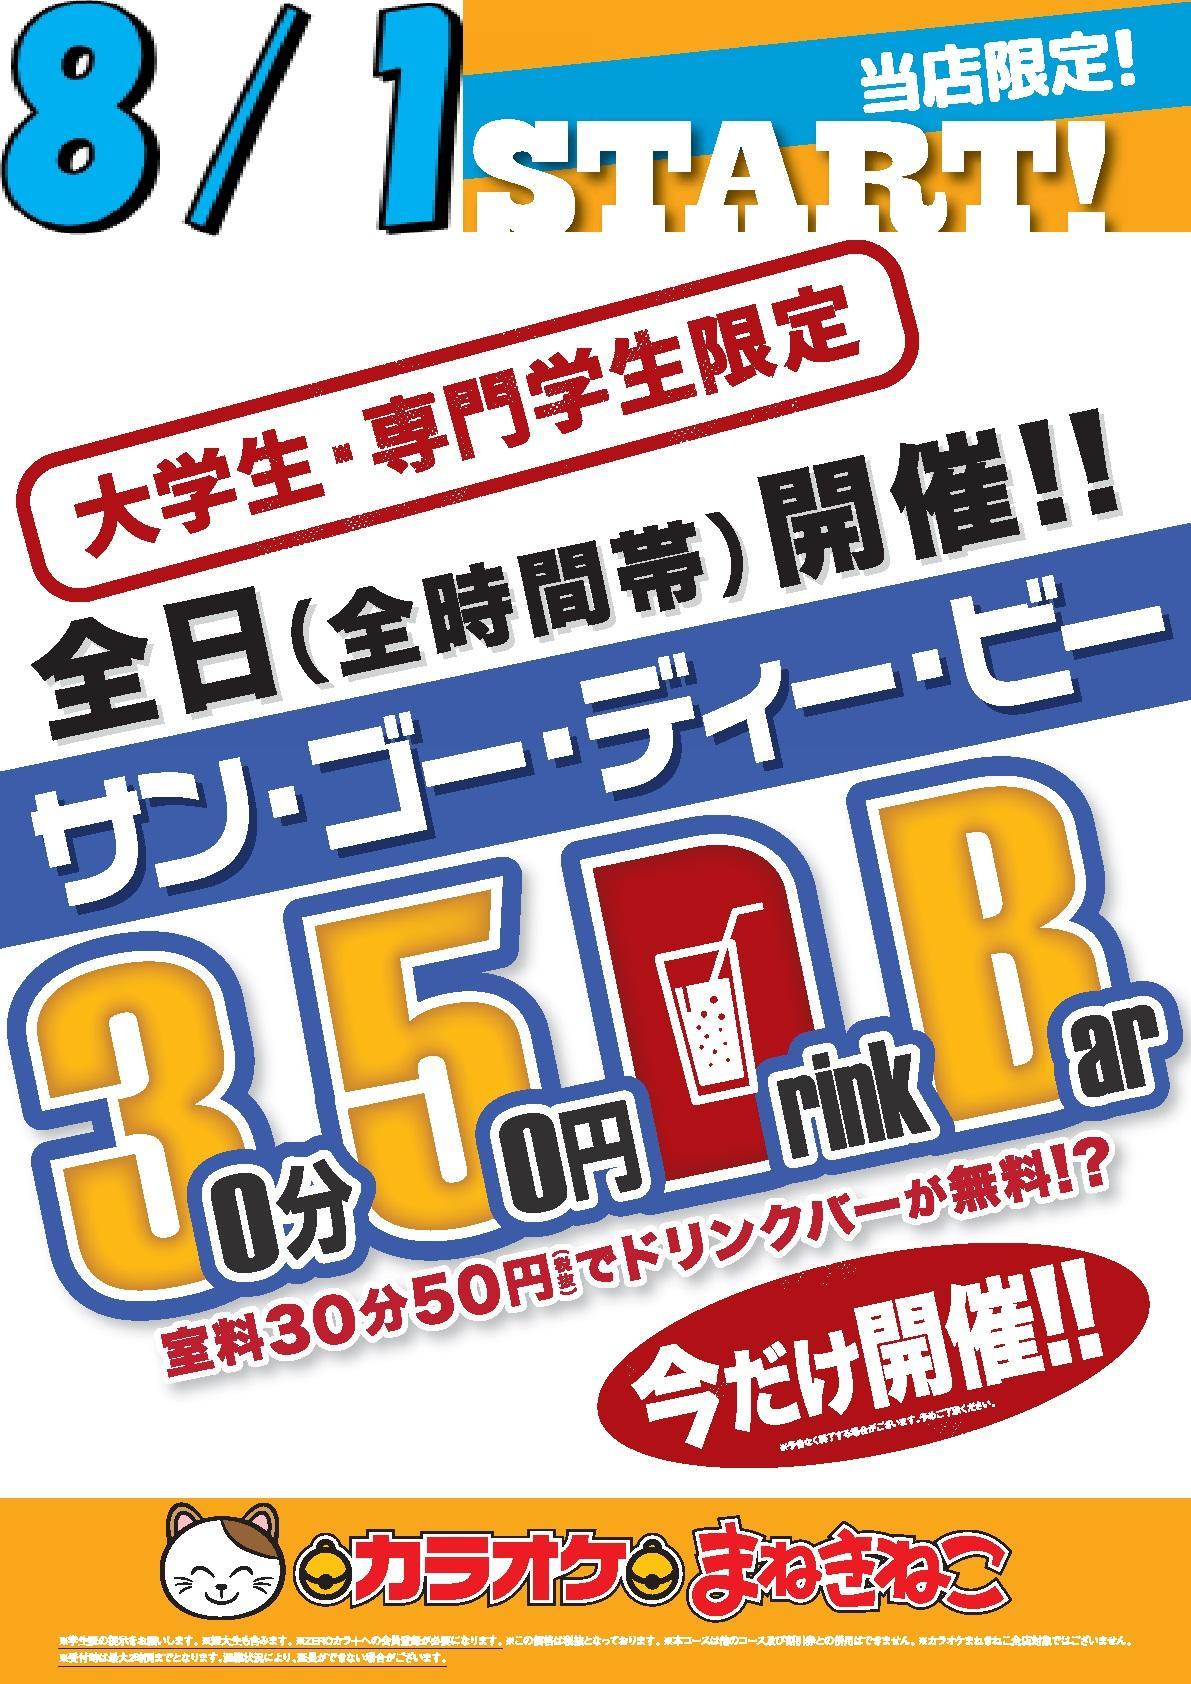 カラオケまねきねこの☆学生注目☆35DB(サン・ゴー・ディー・ビー)追加スタート!!のキャンペーン・フェアの詳細